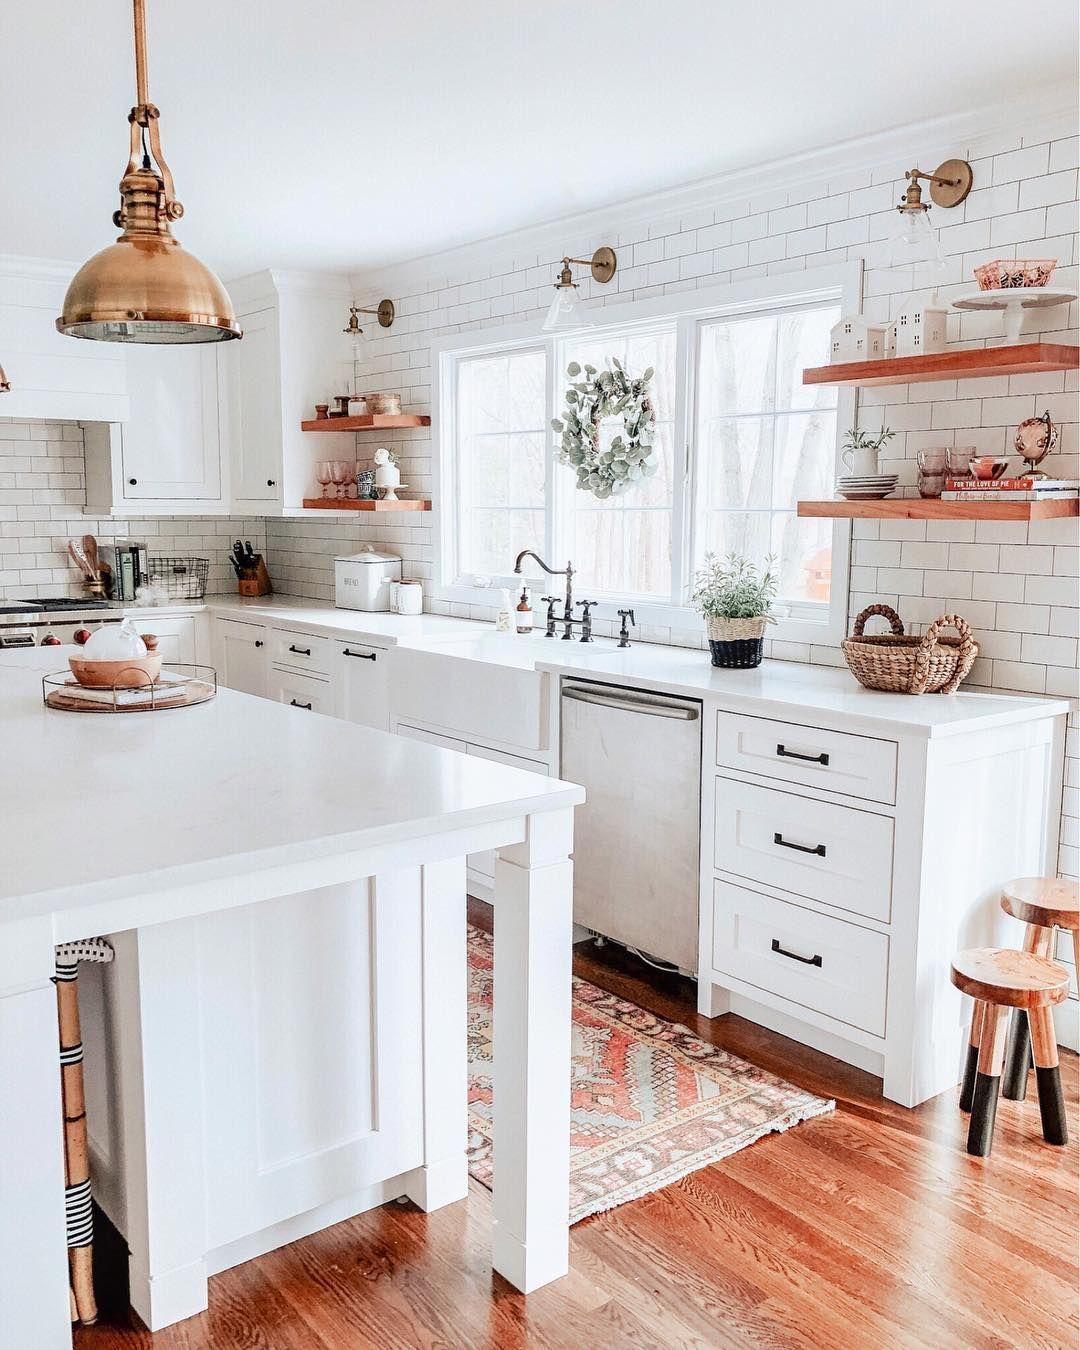 Na Obrazku Muze Byt Kuchyn A Uvnitr Home Kitchens Kitchen Decor Home